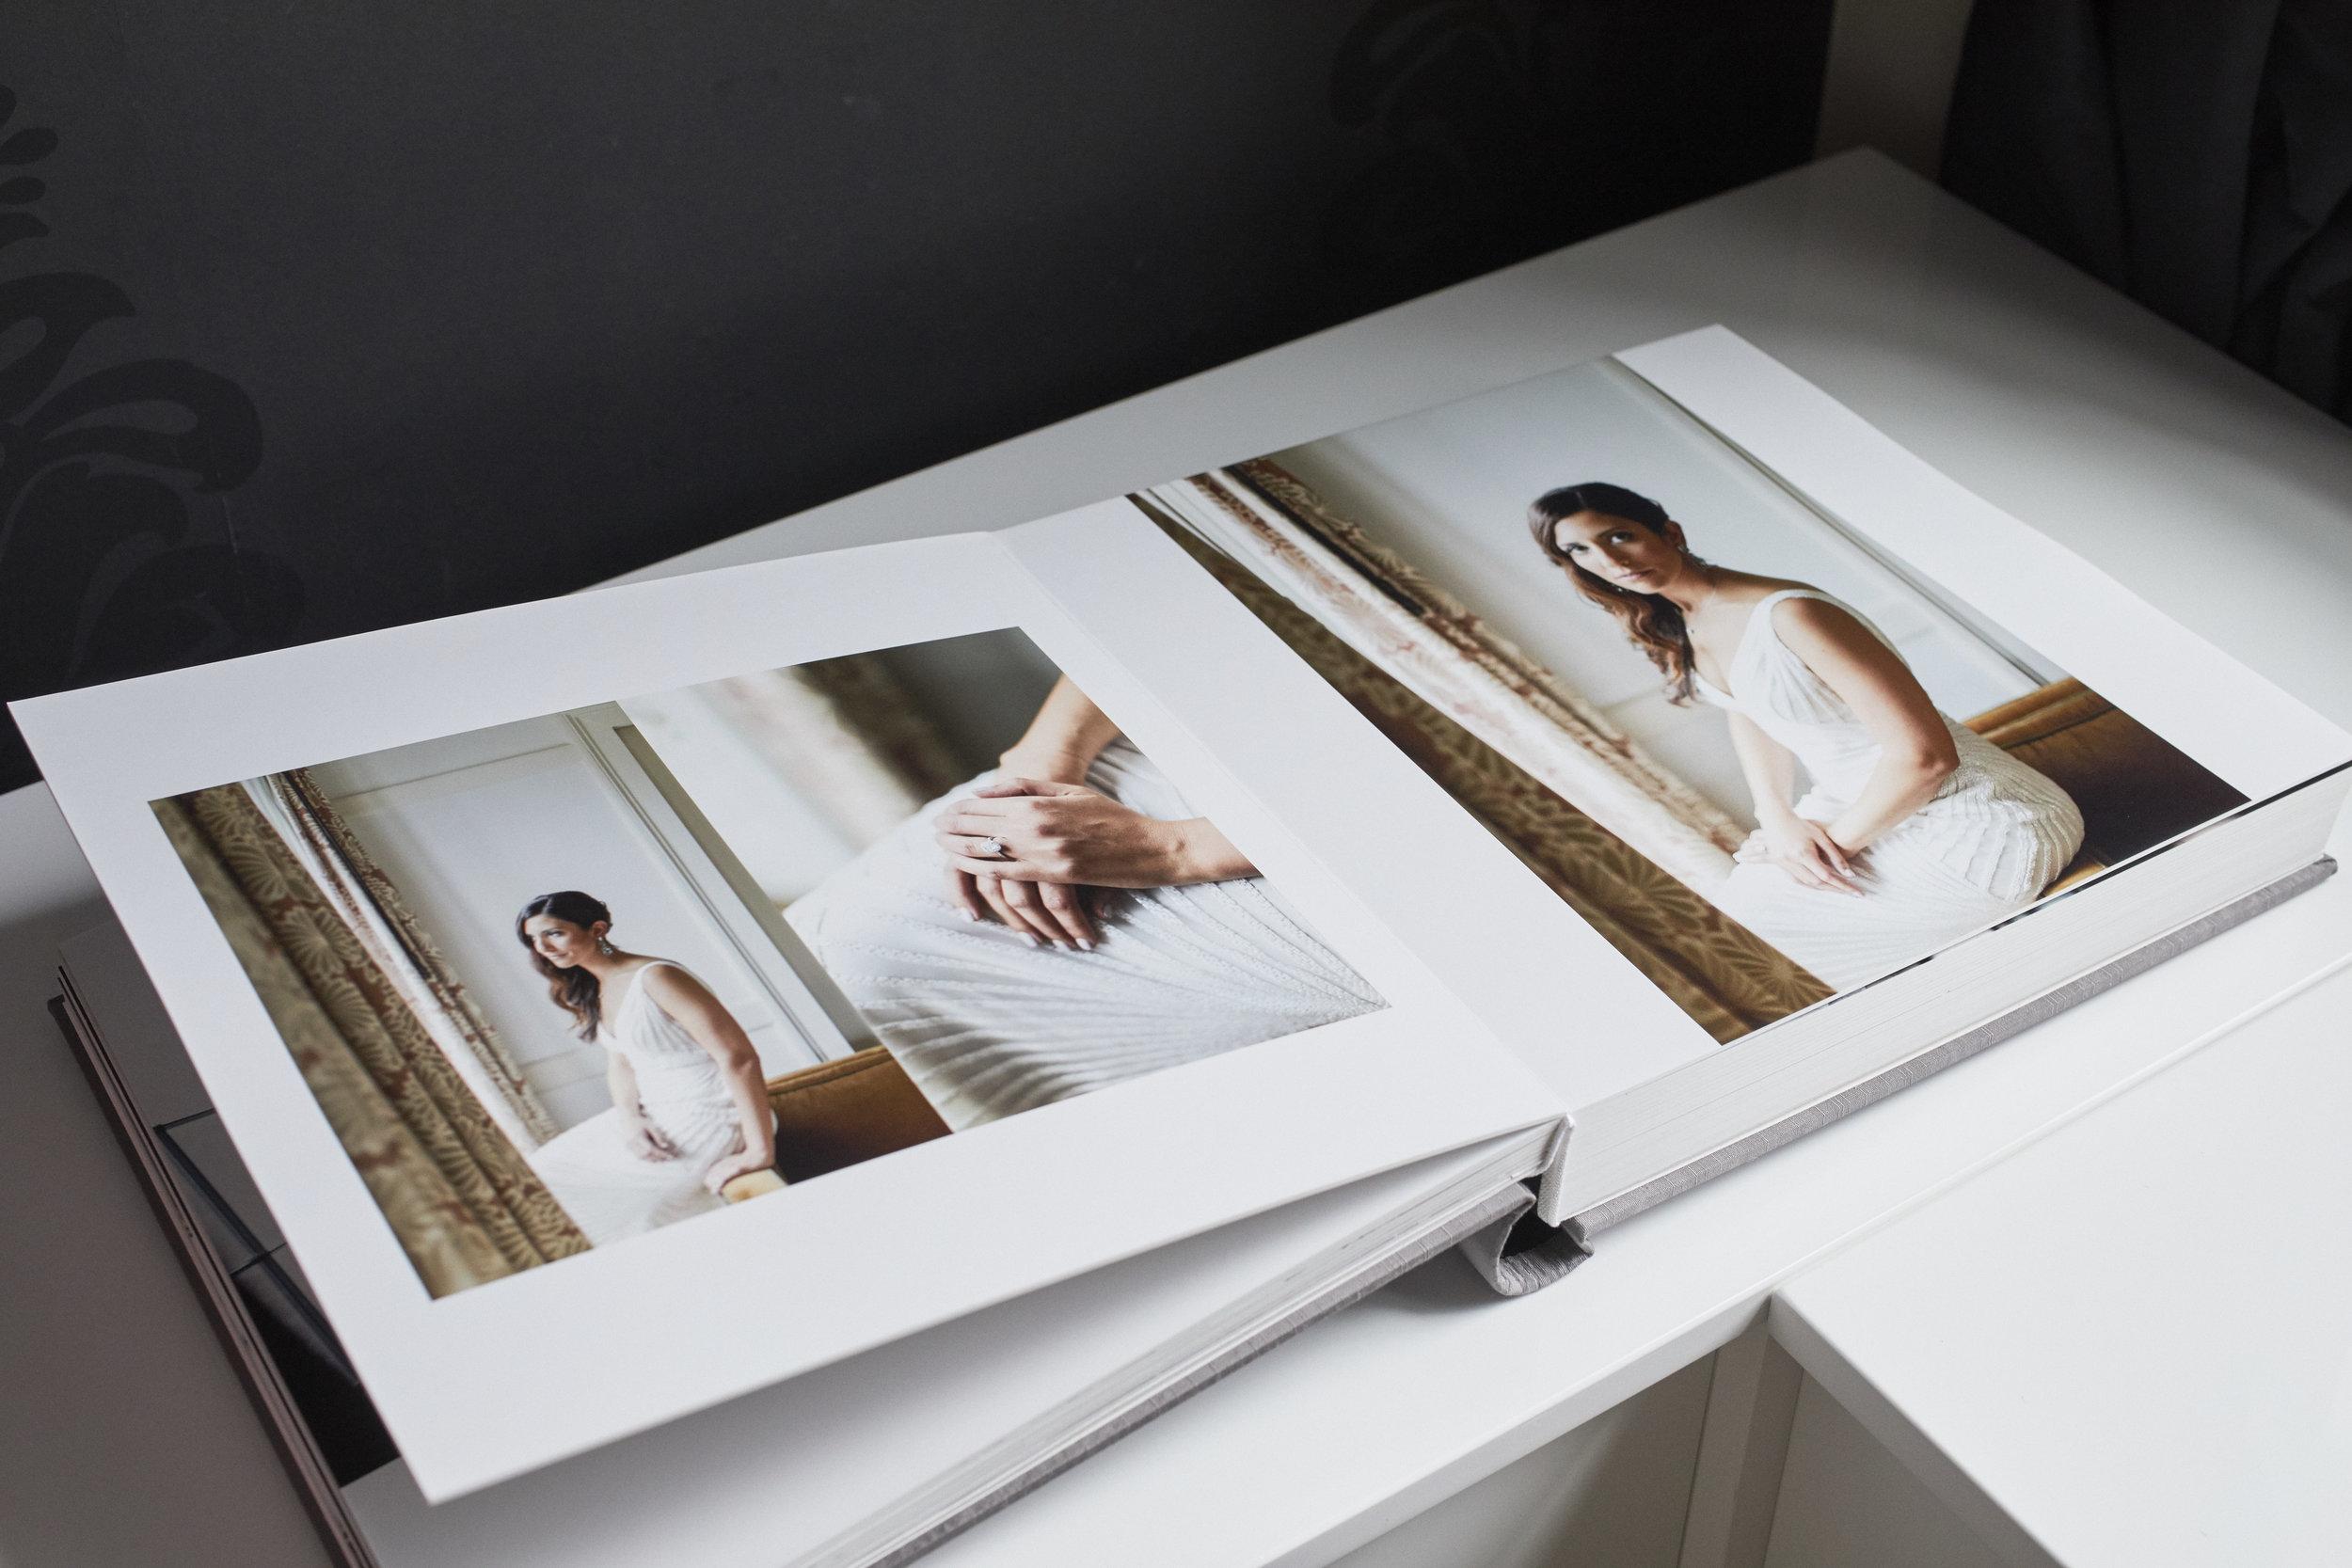 069_RWagner_Wedding_Queensberry_Album.jpg